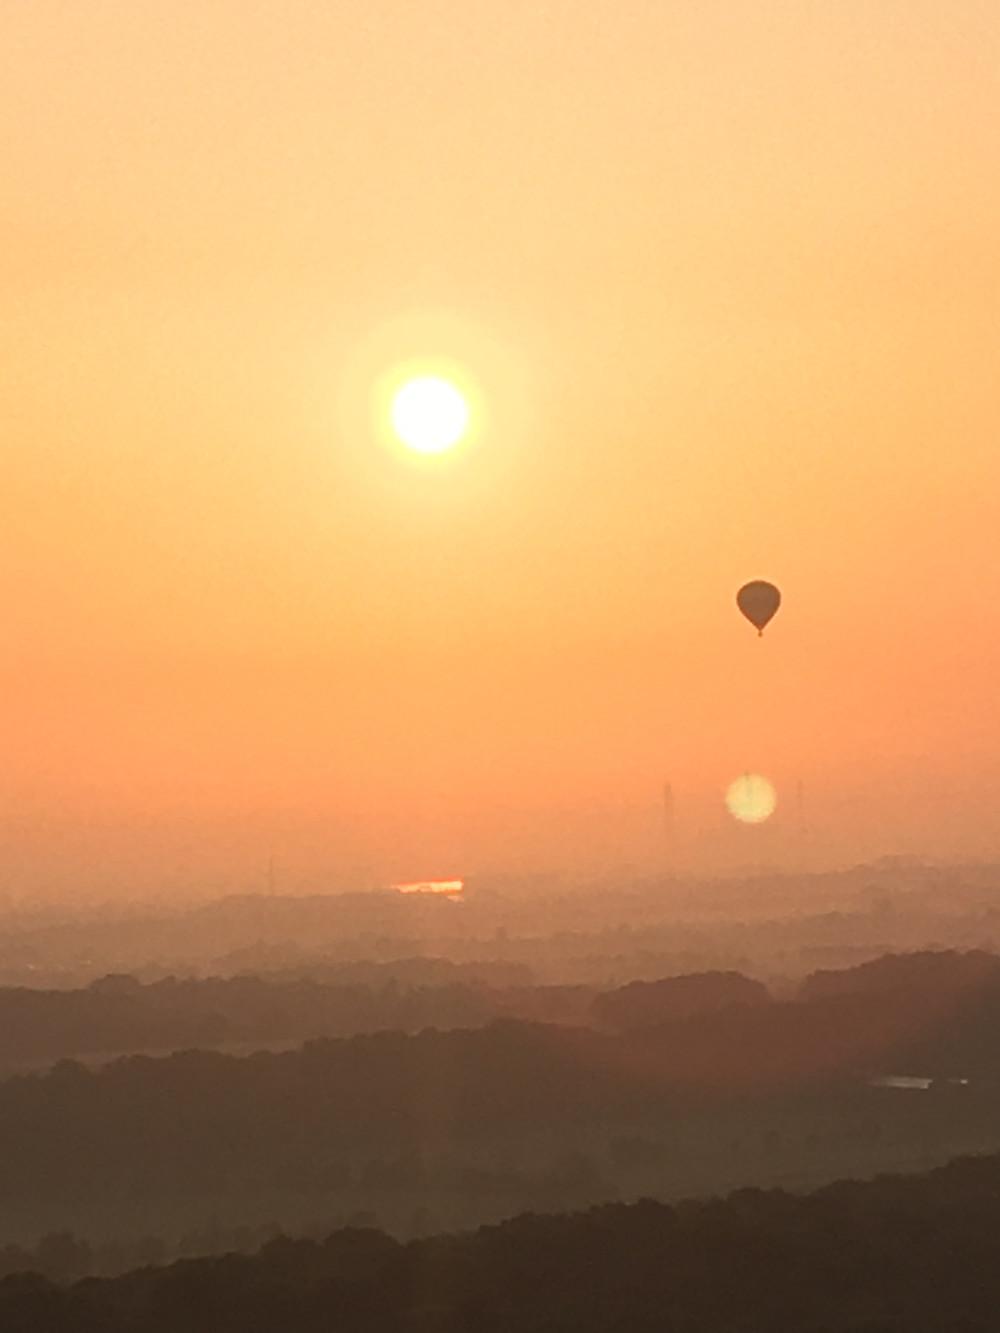 Ruhrgebiet im Sonnenaufgang aus dem Heißluftballon